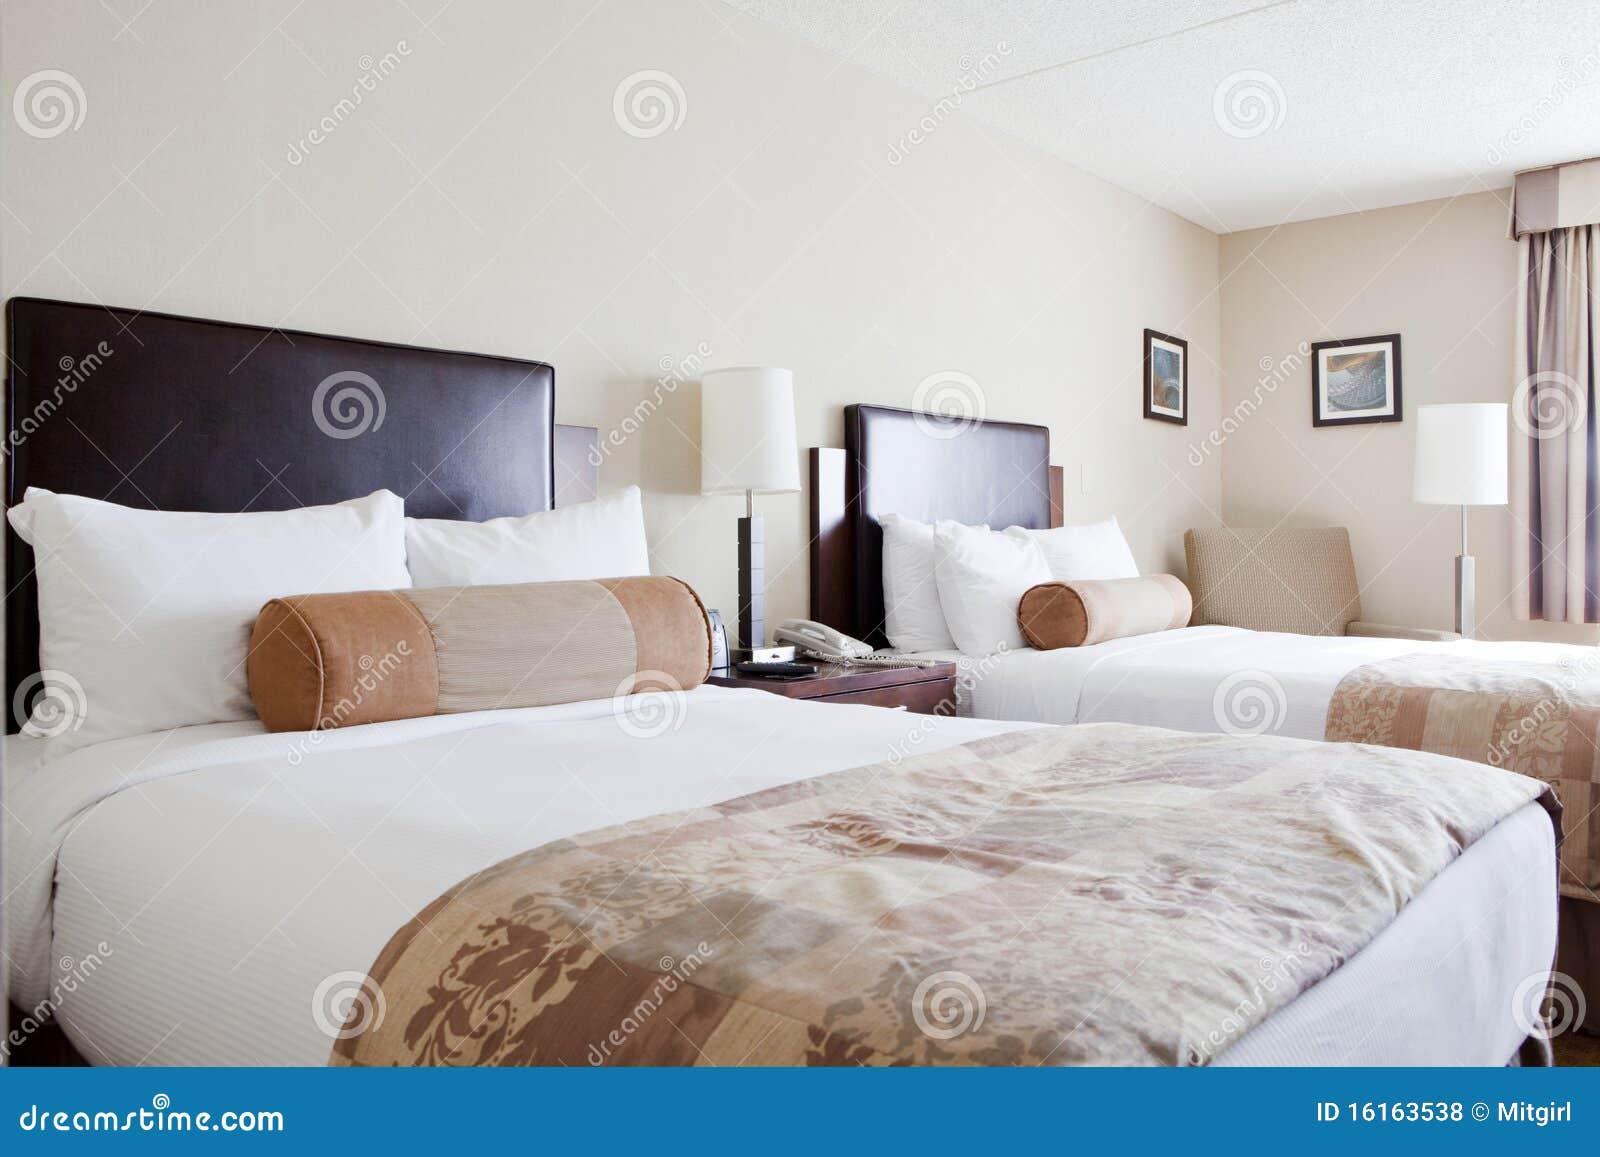 Dos camas matrimoniales en un dormitorio fotos de archivo - Dormitorios dos camas ...